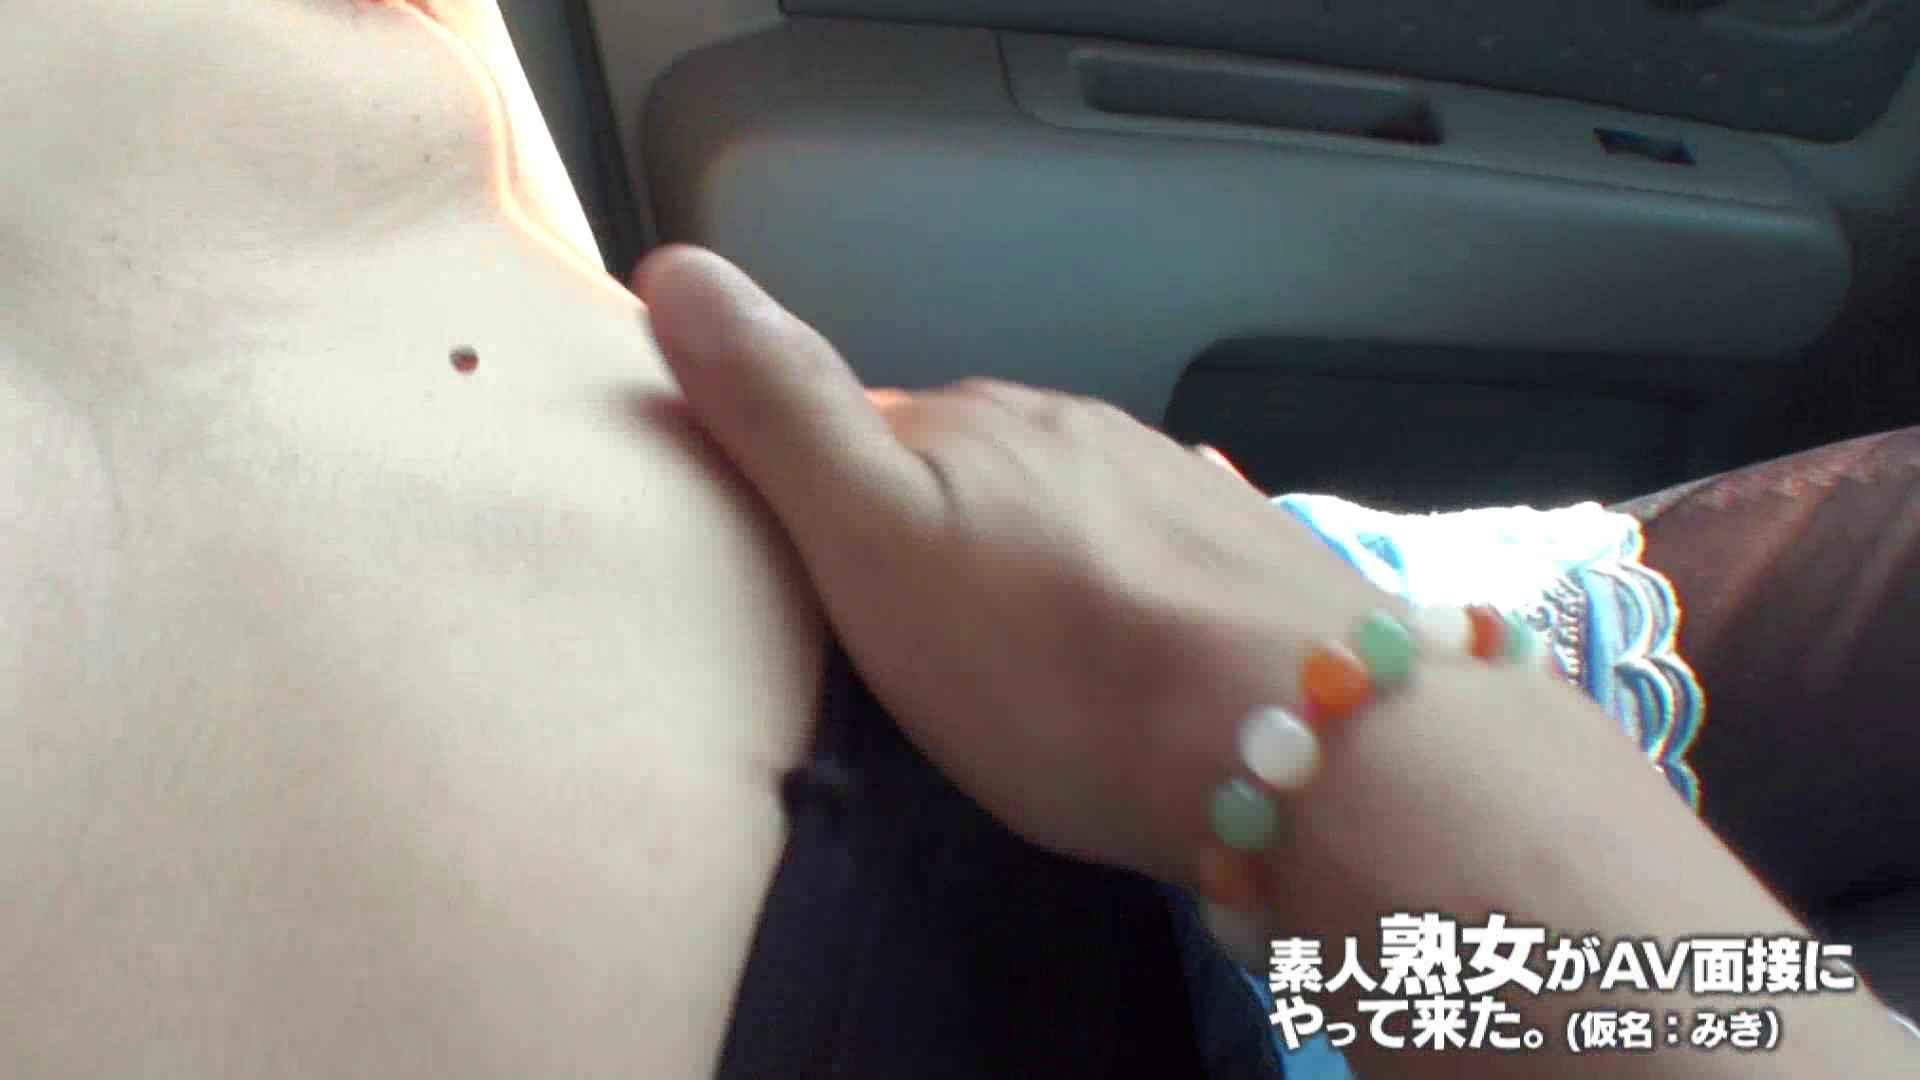 素人熟女がAV面接にやってきた (熟女)みきさんVOL.02 車 | 熟女の裸体  84画像 57